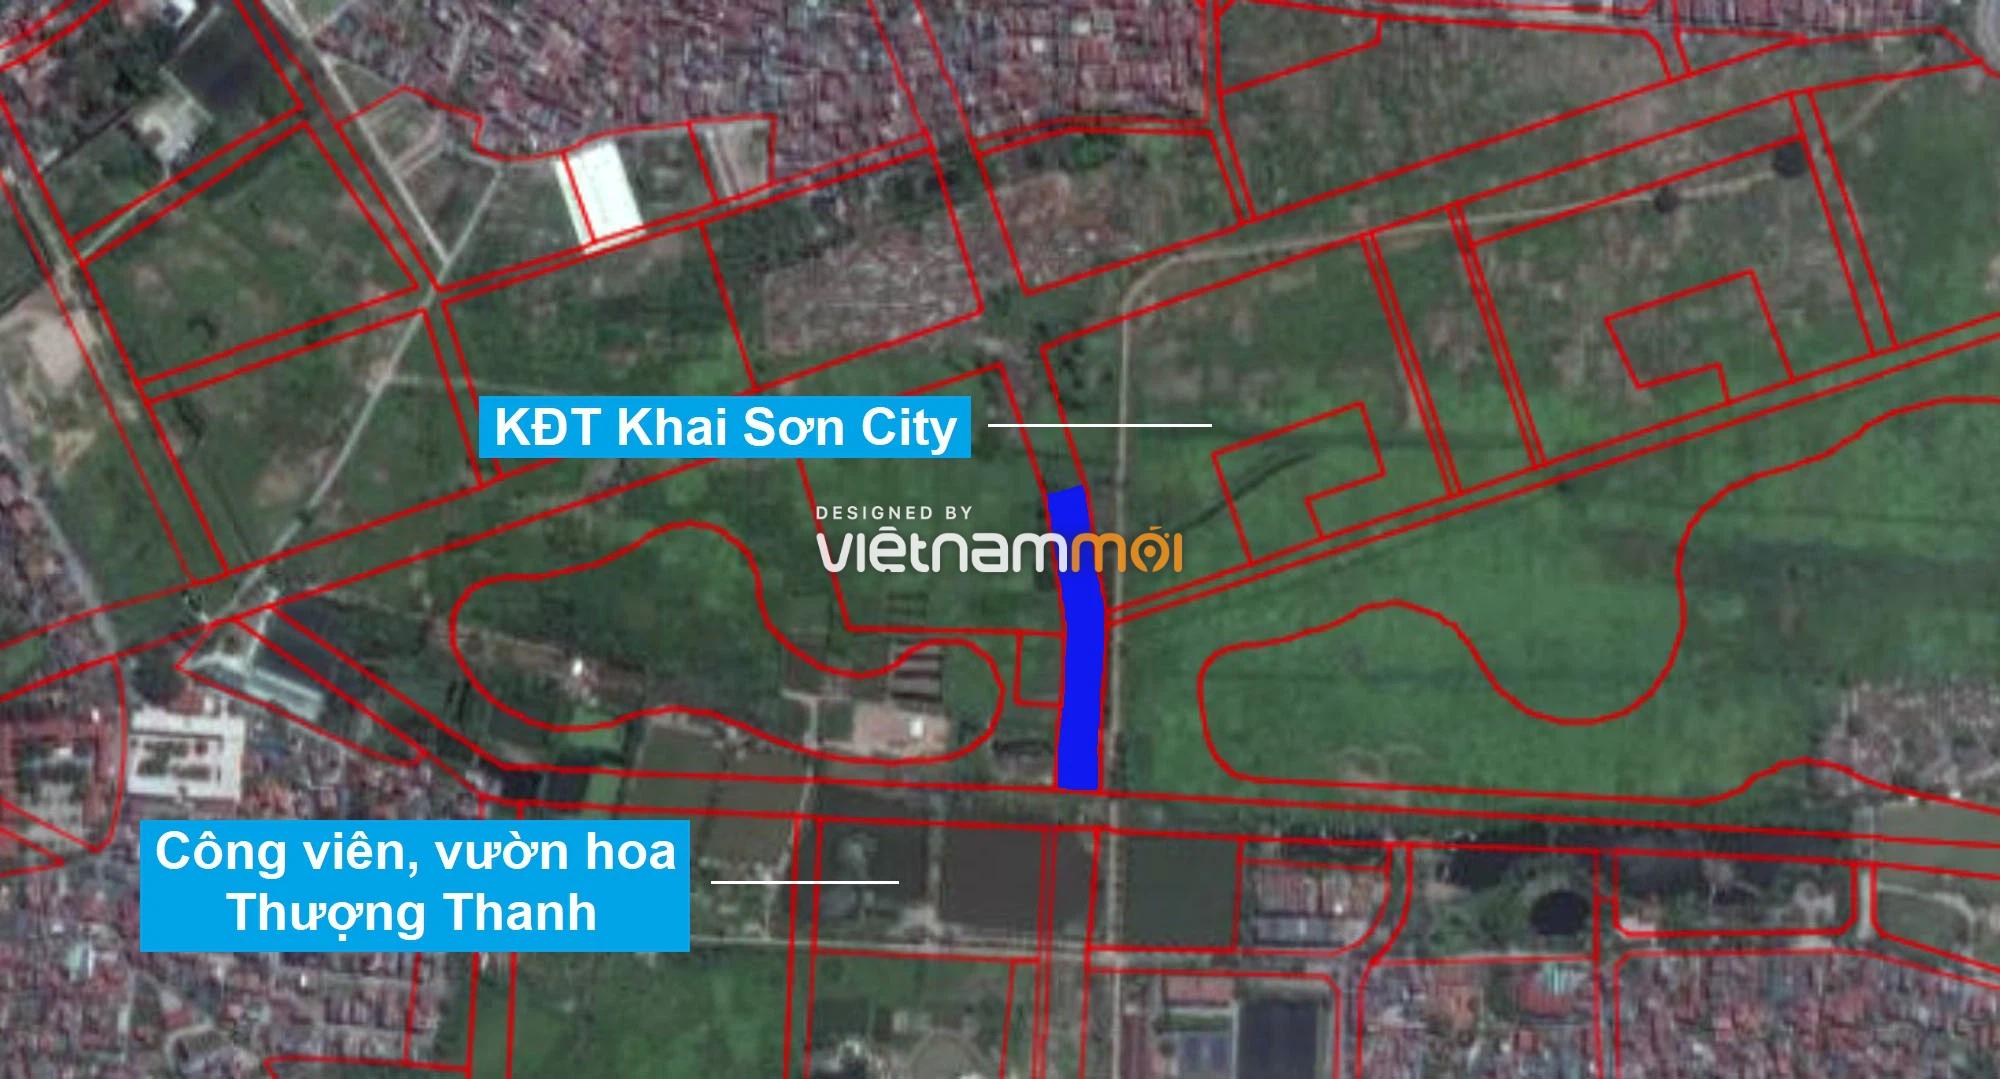 Những khu đất sắp thu hồi để mở đường ở phường Thượng Thanh, Long Biên, Hà Nội (phần 2) - Ảnh 8.